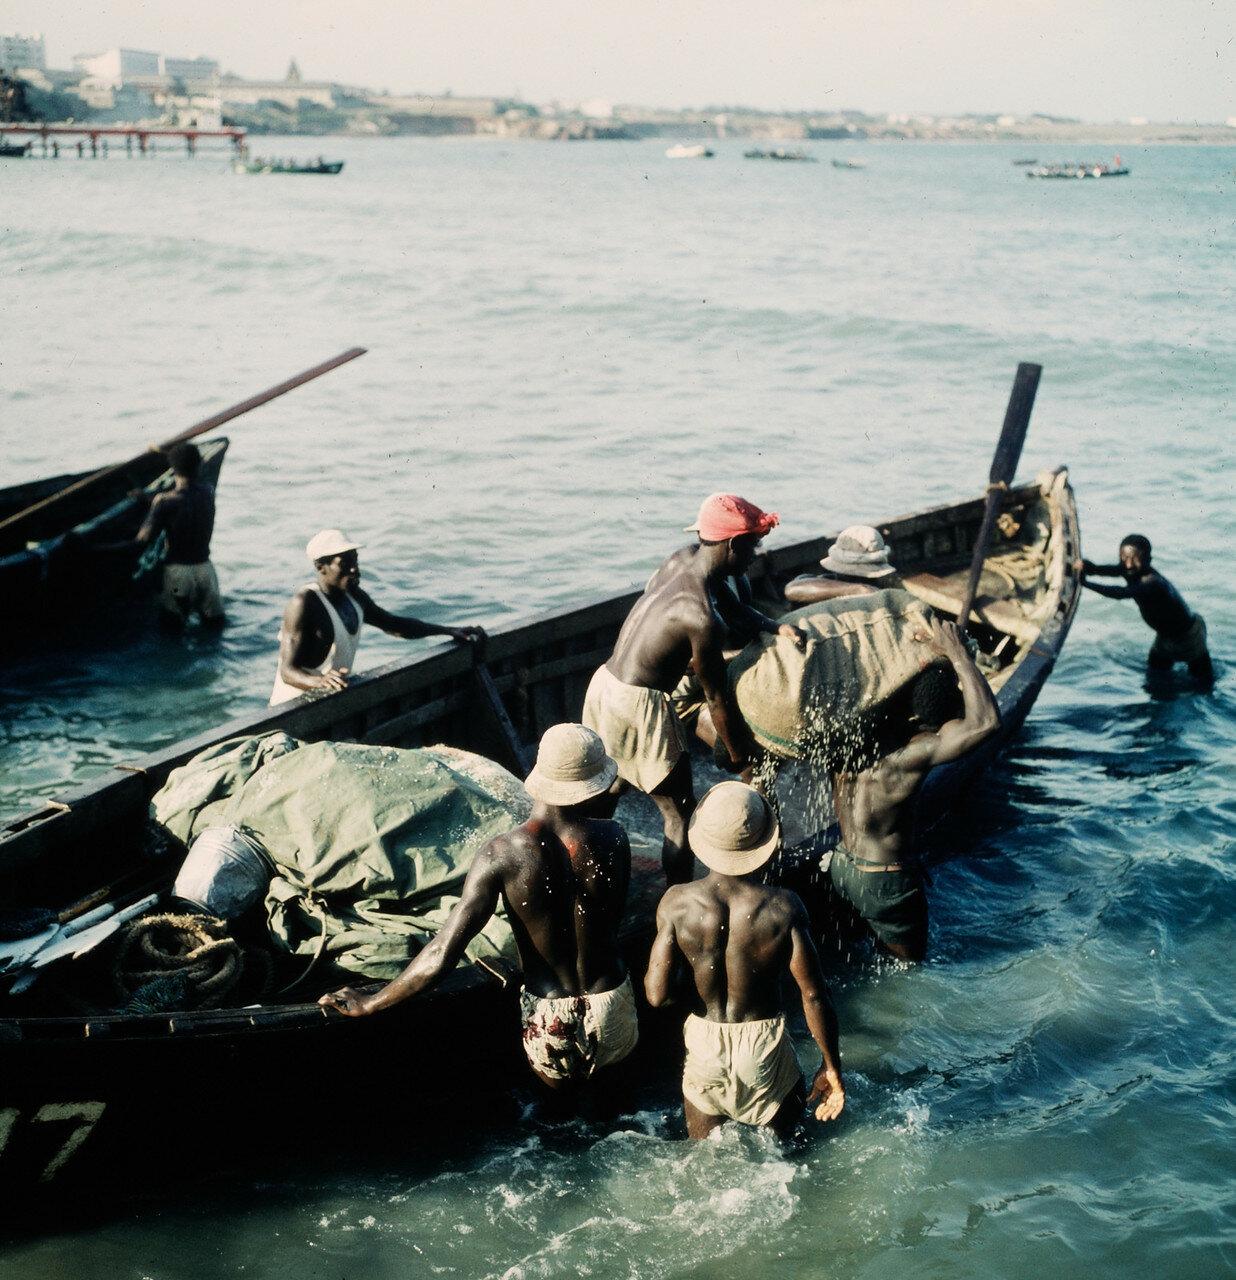 Разгрузка прибойных шлюпок на берегу,  20 апреля